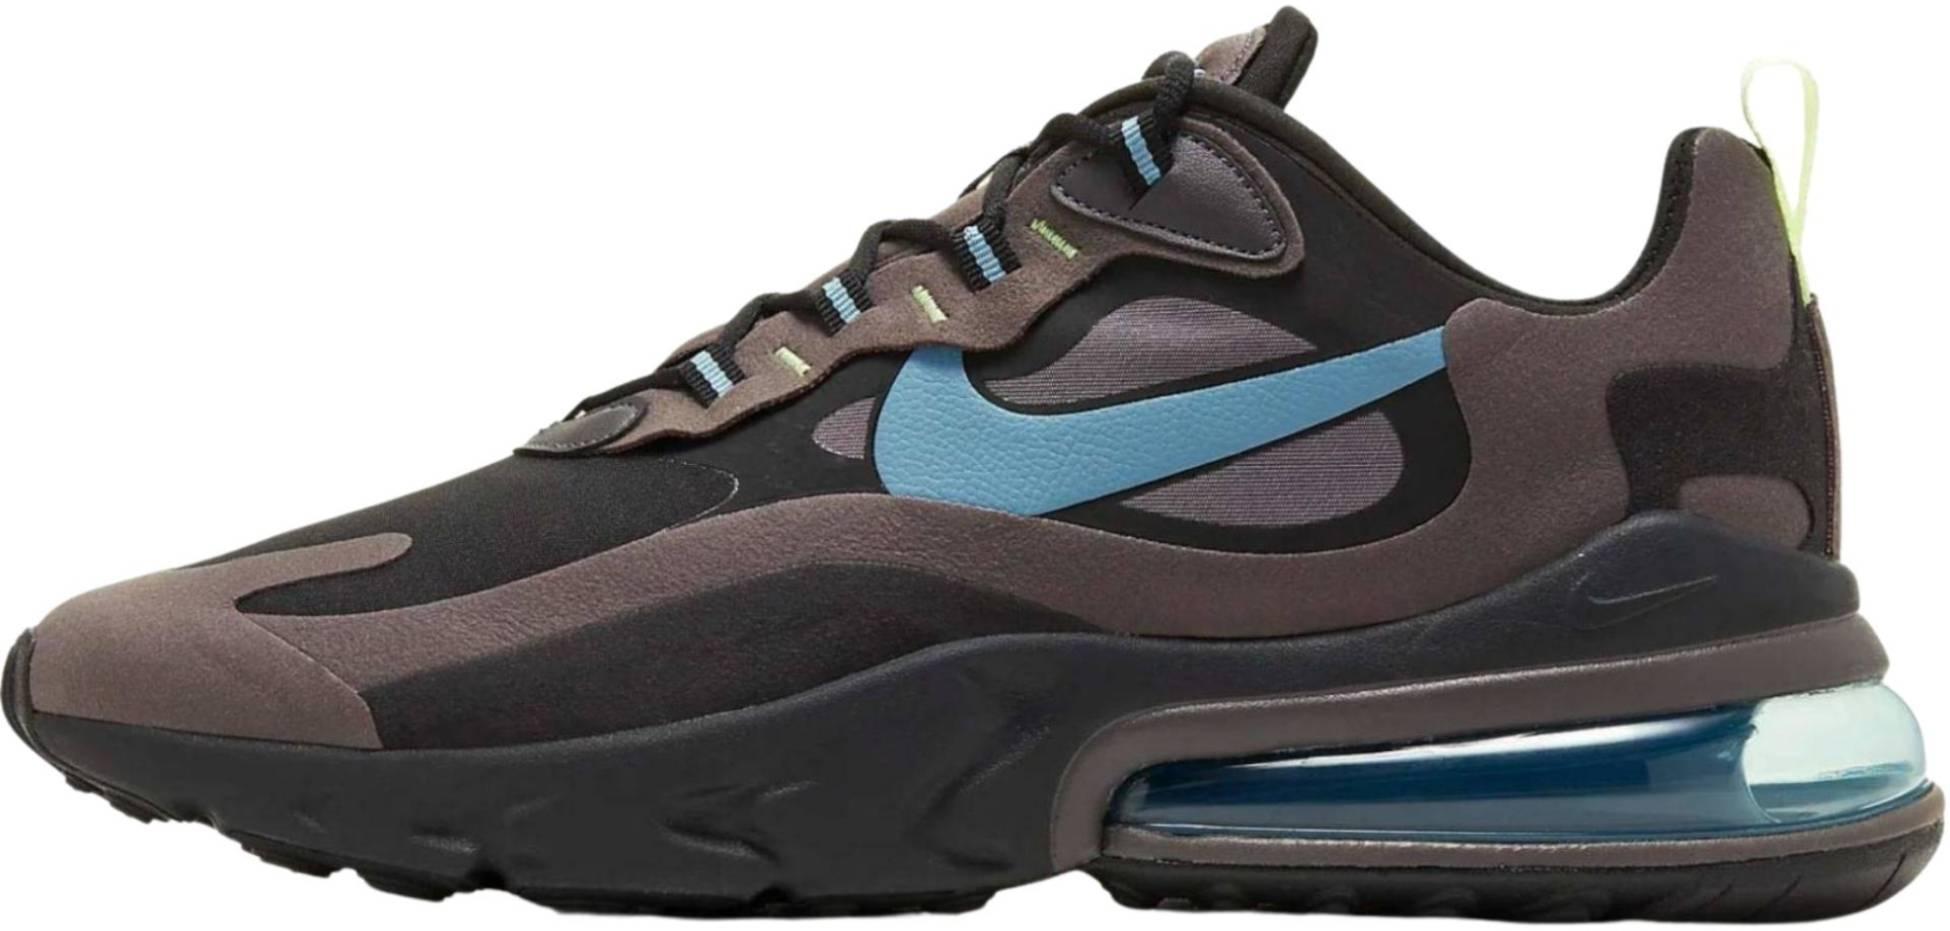 Desierto Discriminación Increíble  Save 40% on Black Nike Sneakers (302 Models in Stock) | RunRepeat